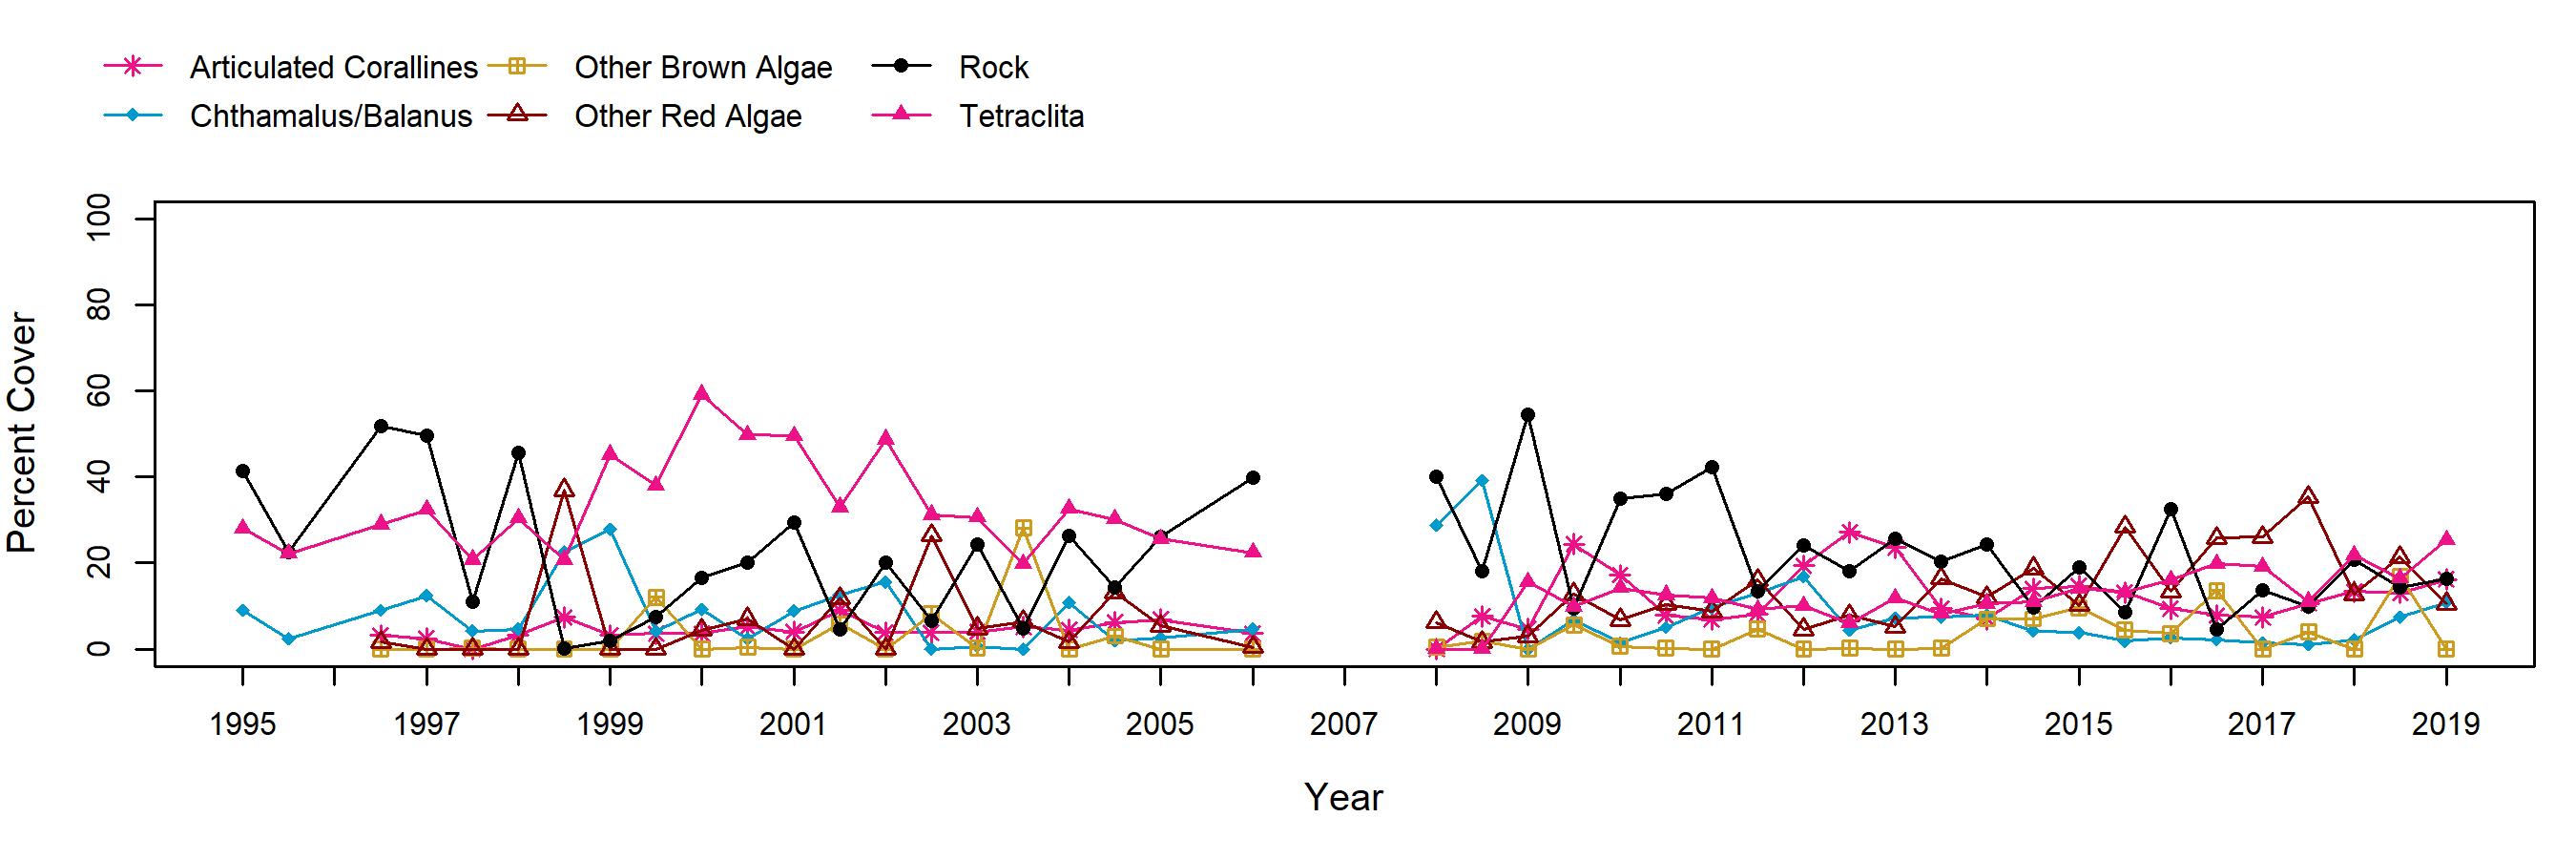 Navy North Tetraclita trend plot